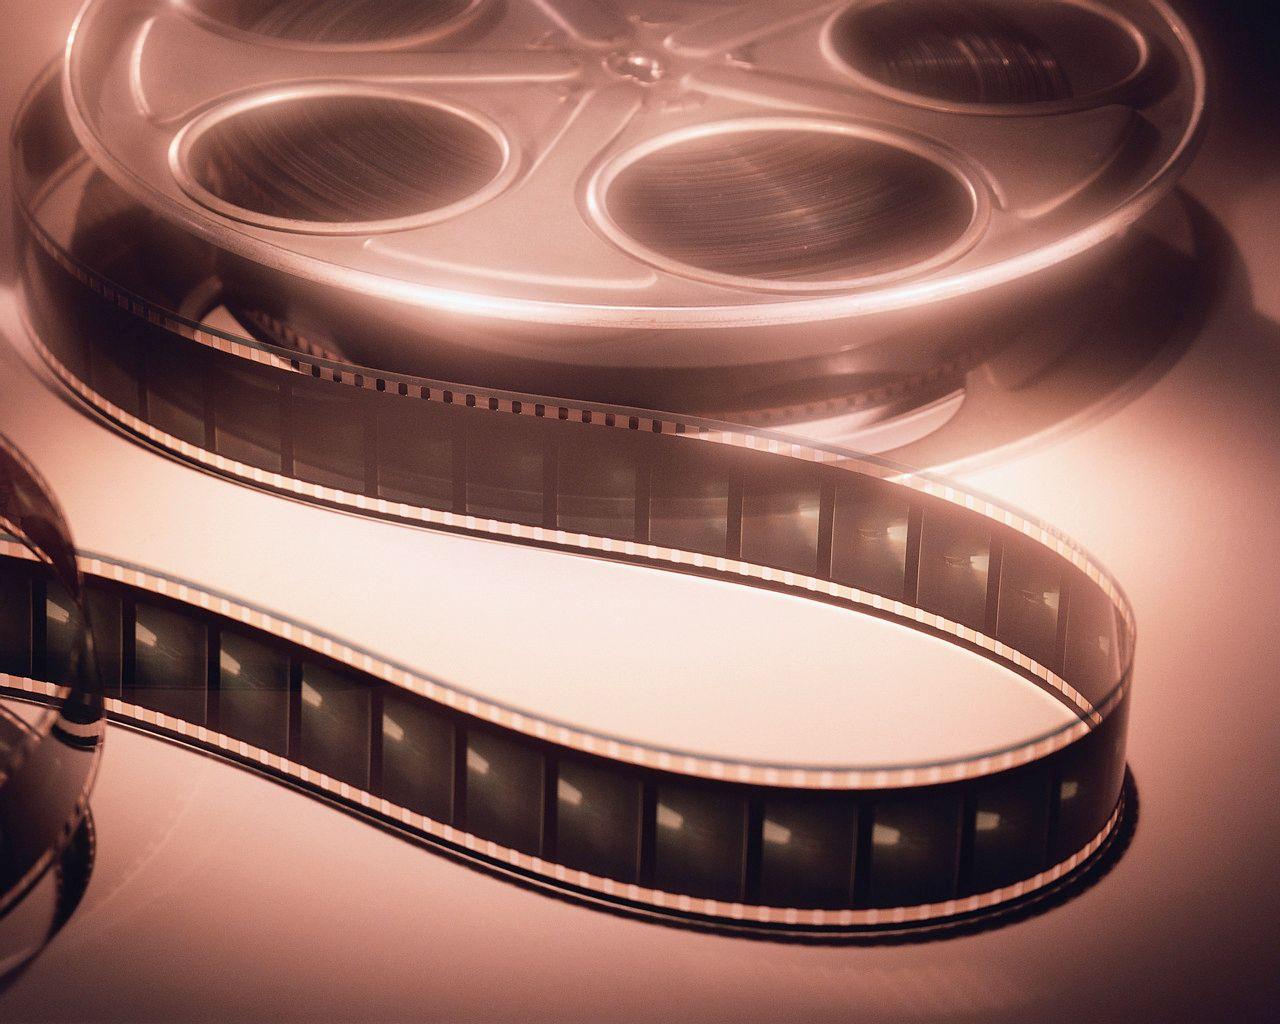 фильмы рекомендуемые к просмотру с хорошими отзывами